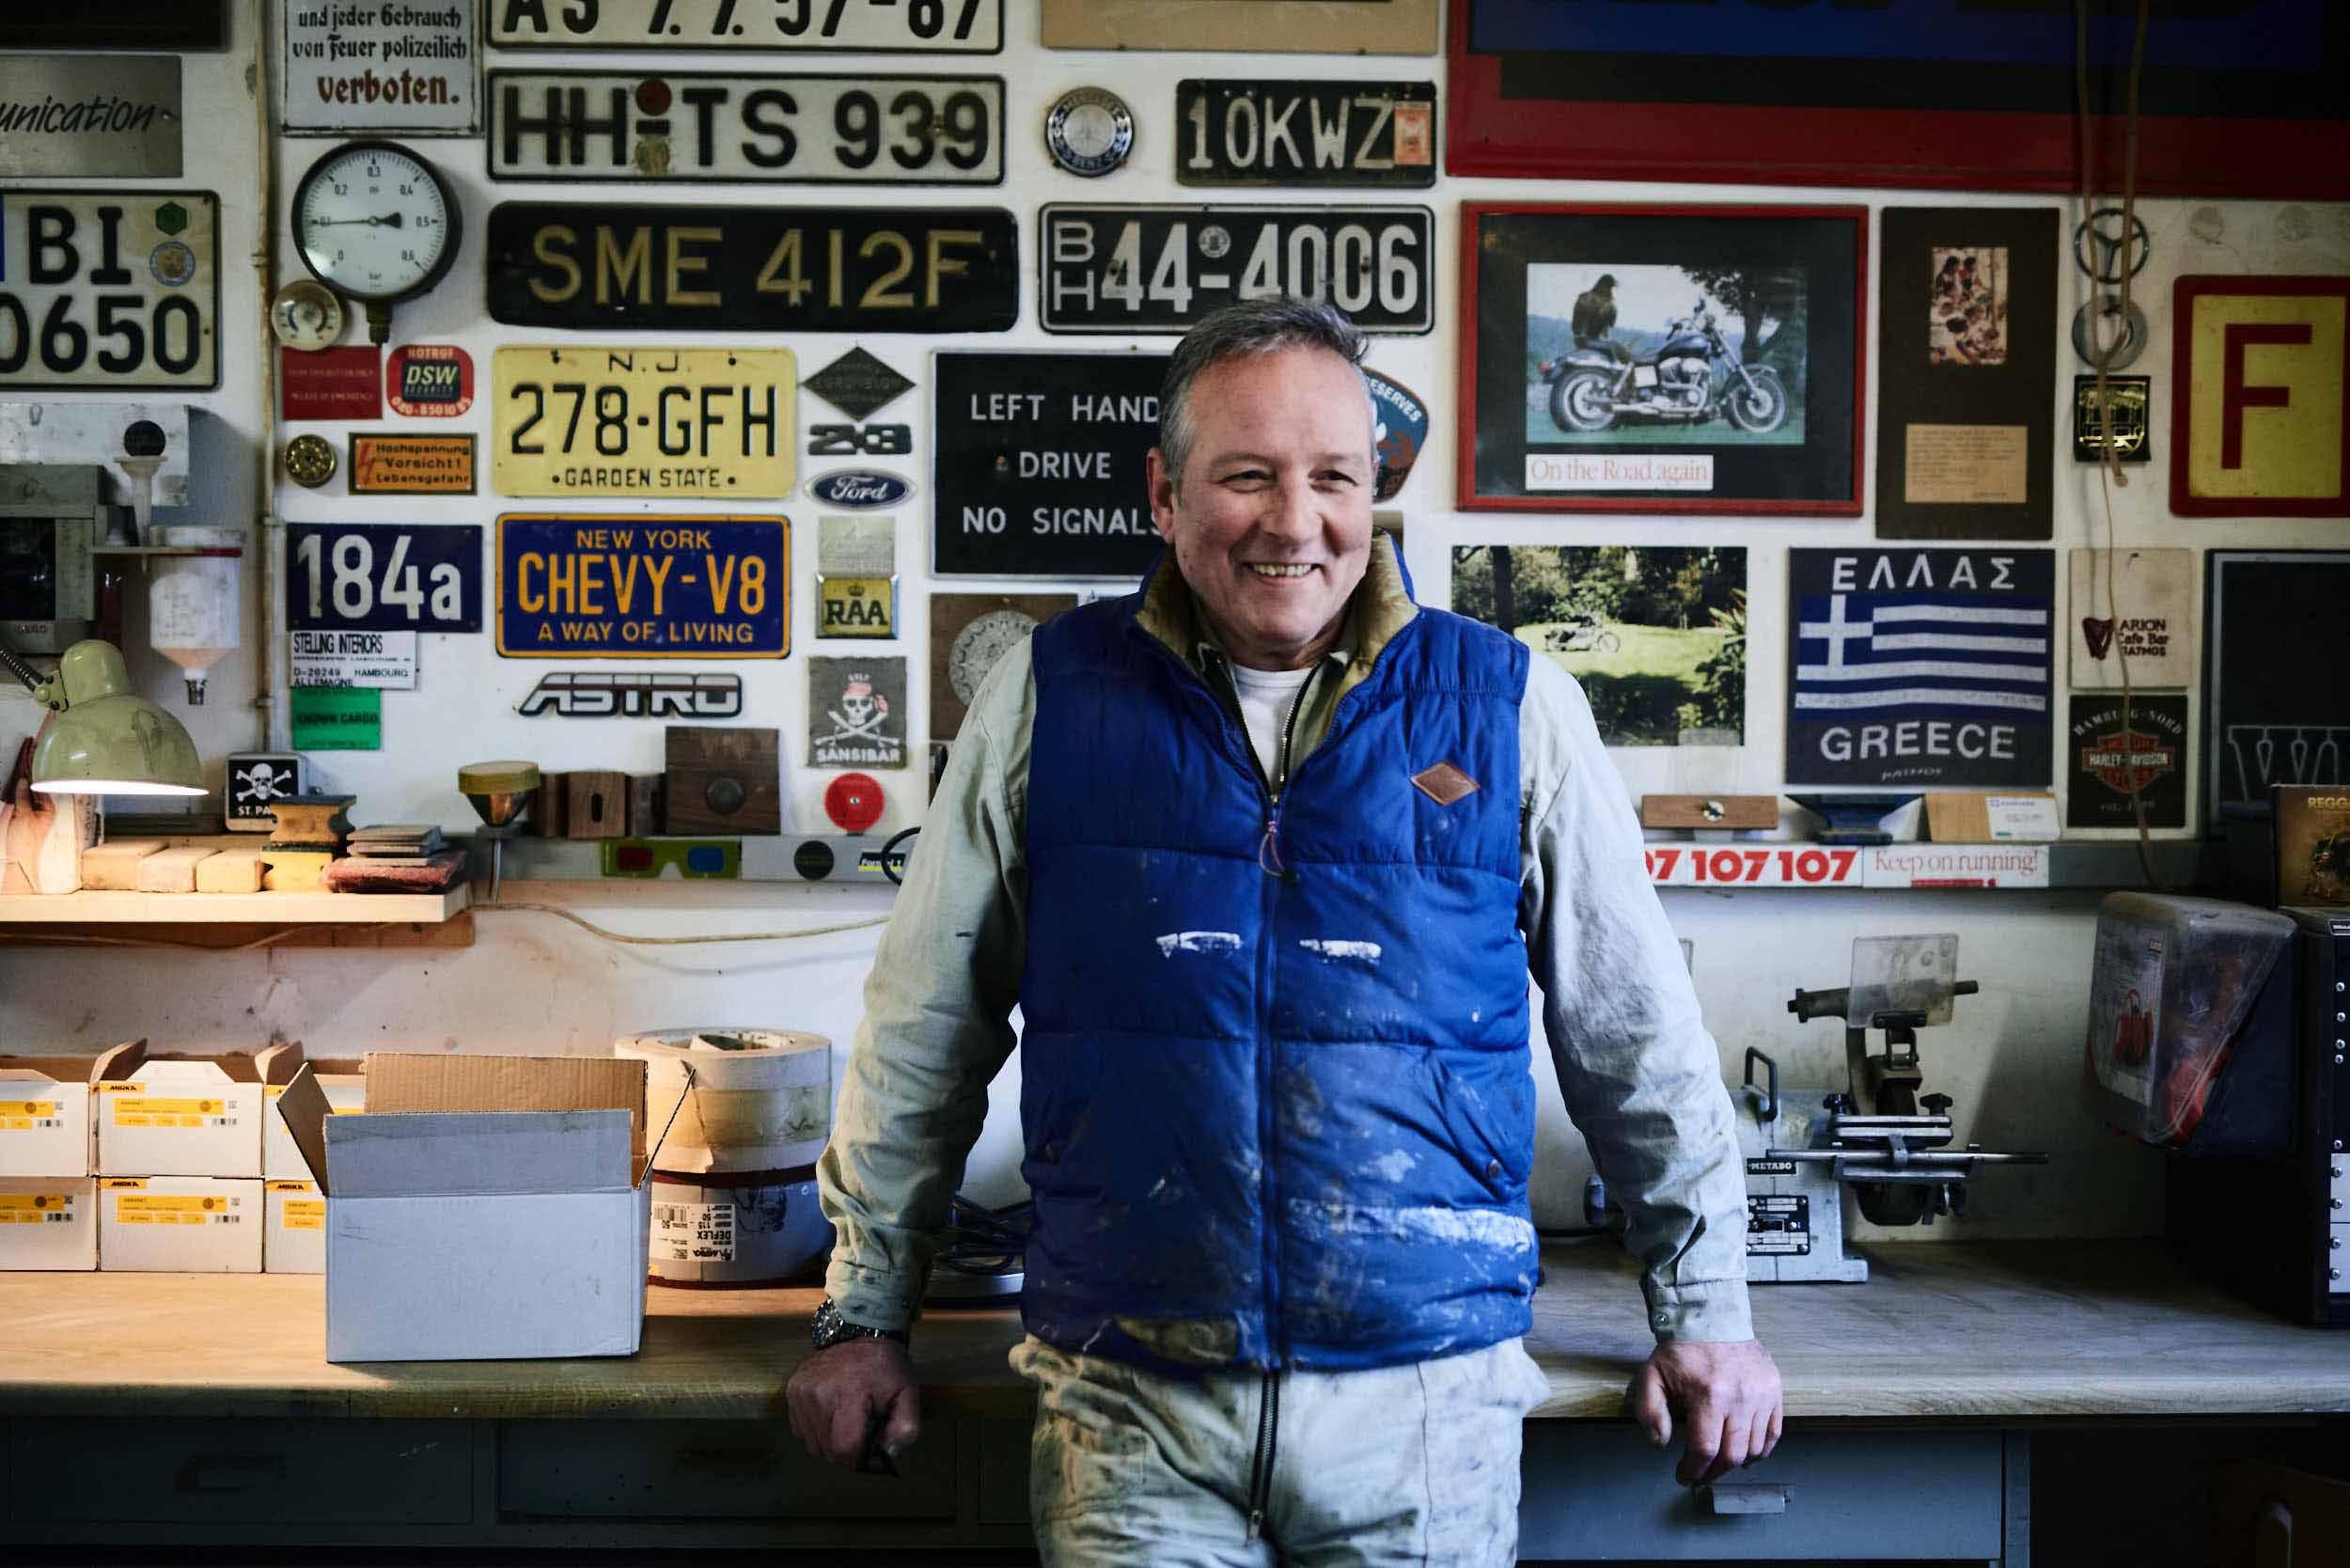 DAS BIN ICH - Andreas Stelling, geboren in Hamburg, Europäer und krasser Hanseat. Ehemann und Vater.Seit 1983 selbständig tätig im Möbelbau. Face to face und ehrliche Handarbeit, das ist mein Credo.